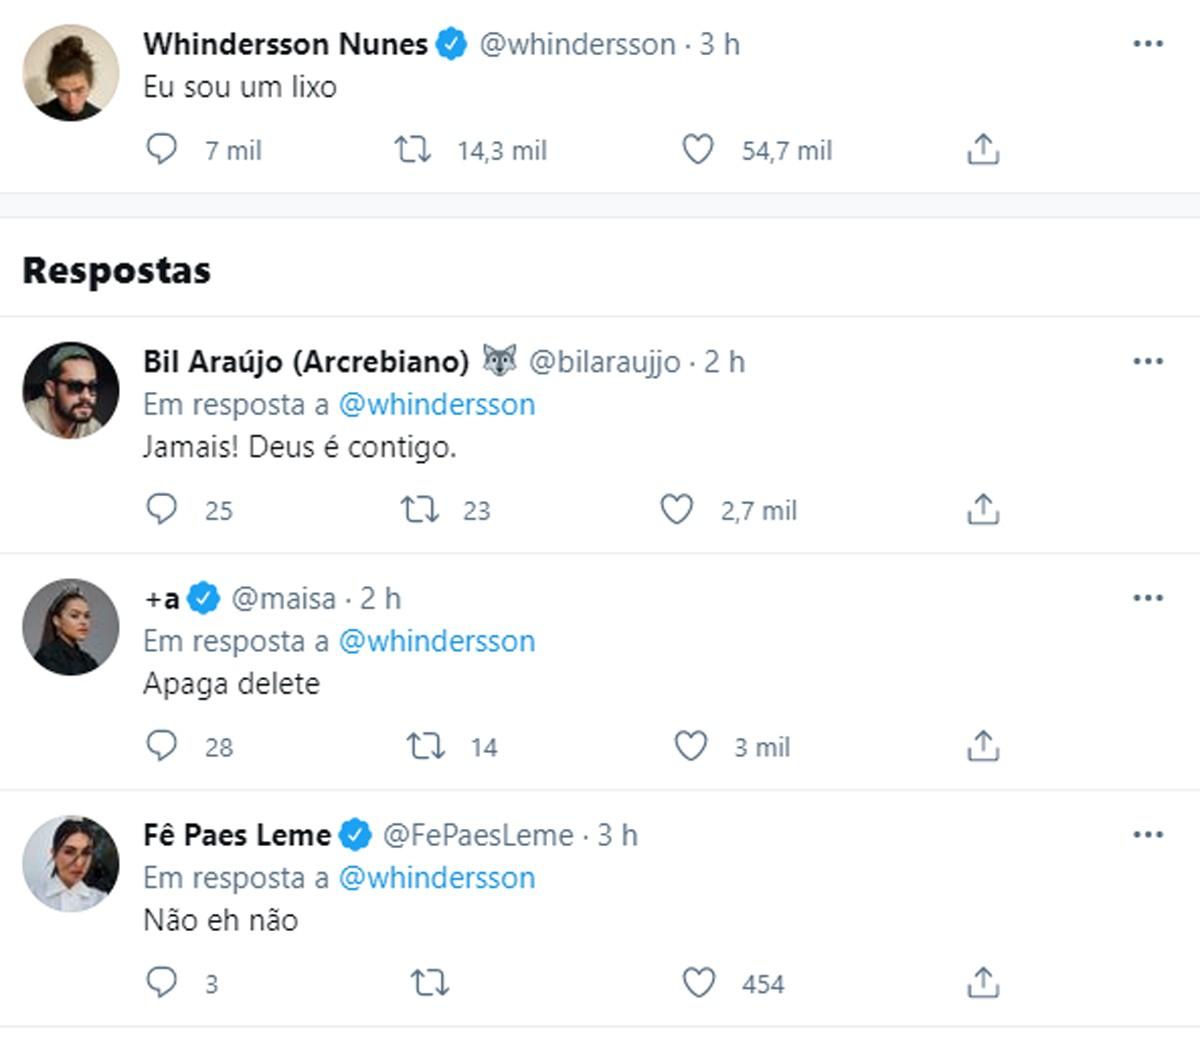 Whindersson Nunes posta 'que é um lixo' e preocupa seguidores - Quem | QUEM  News